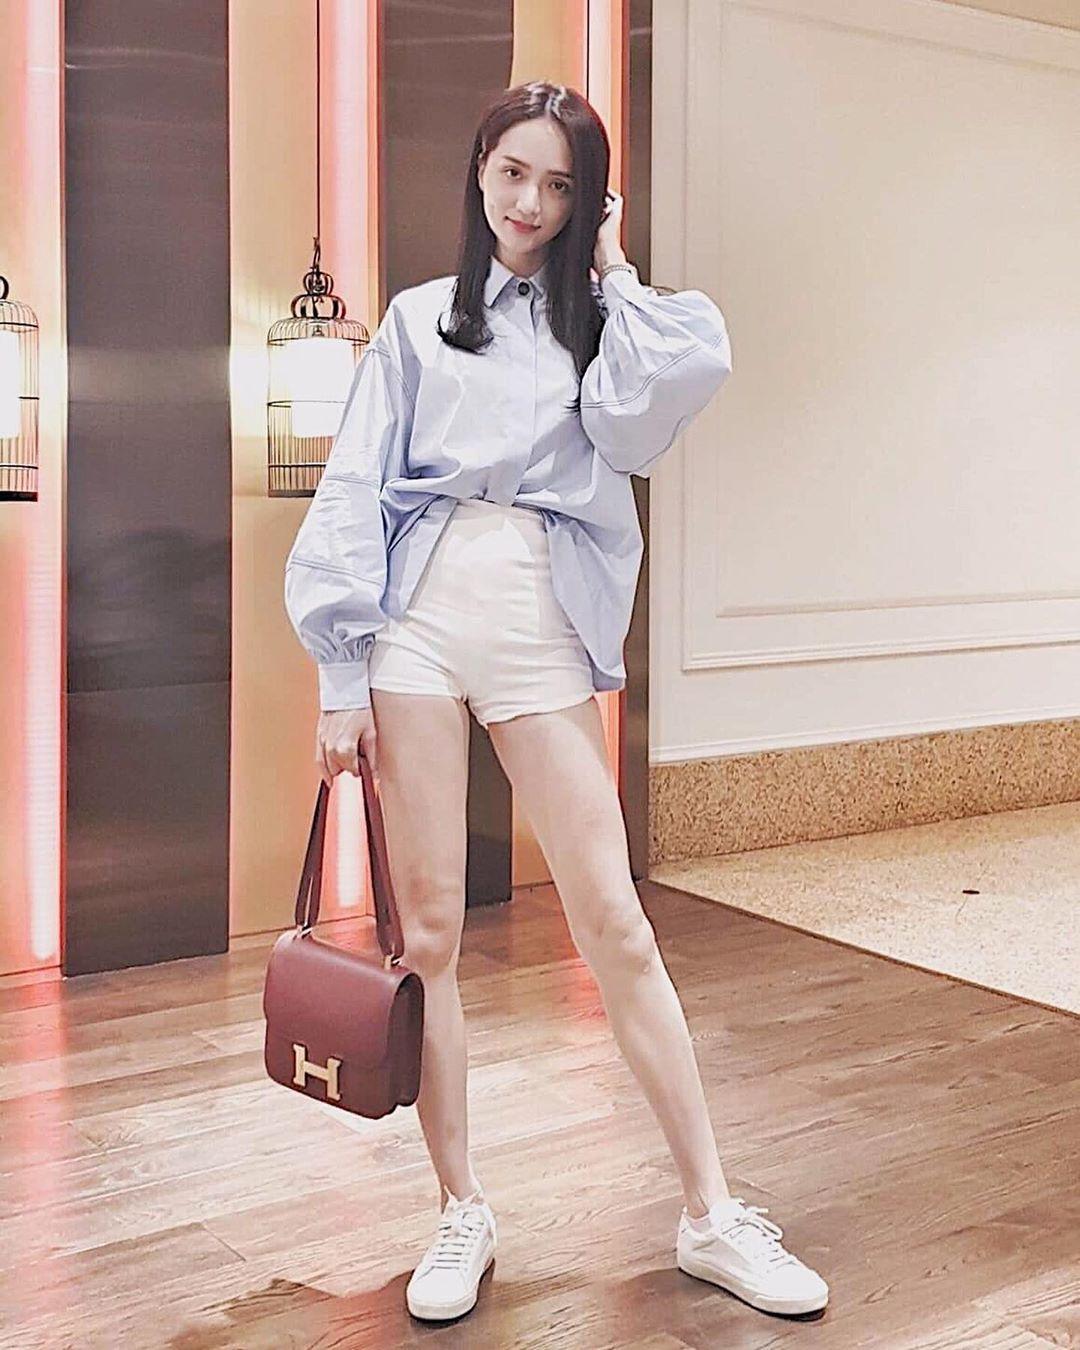 Nhìn Hương Giang, chị em biết đôi sneaker trắng vi điệu đến thế nào - Ảnh 6.